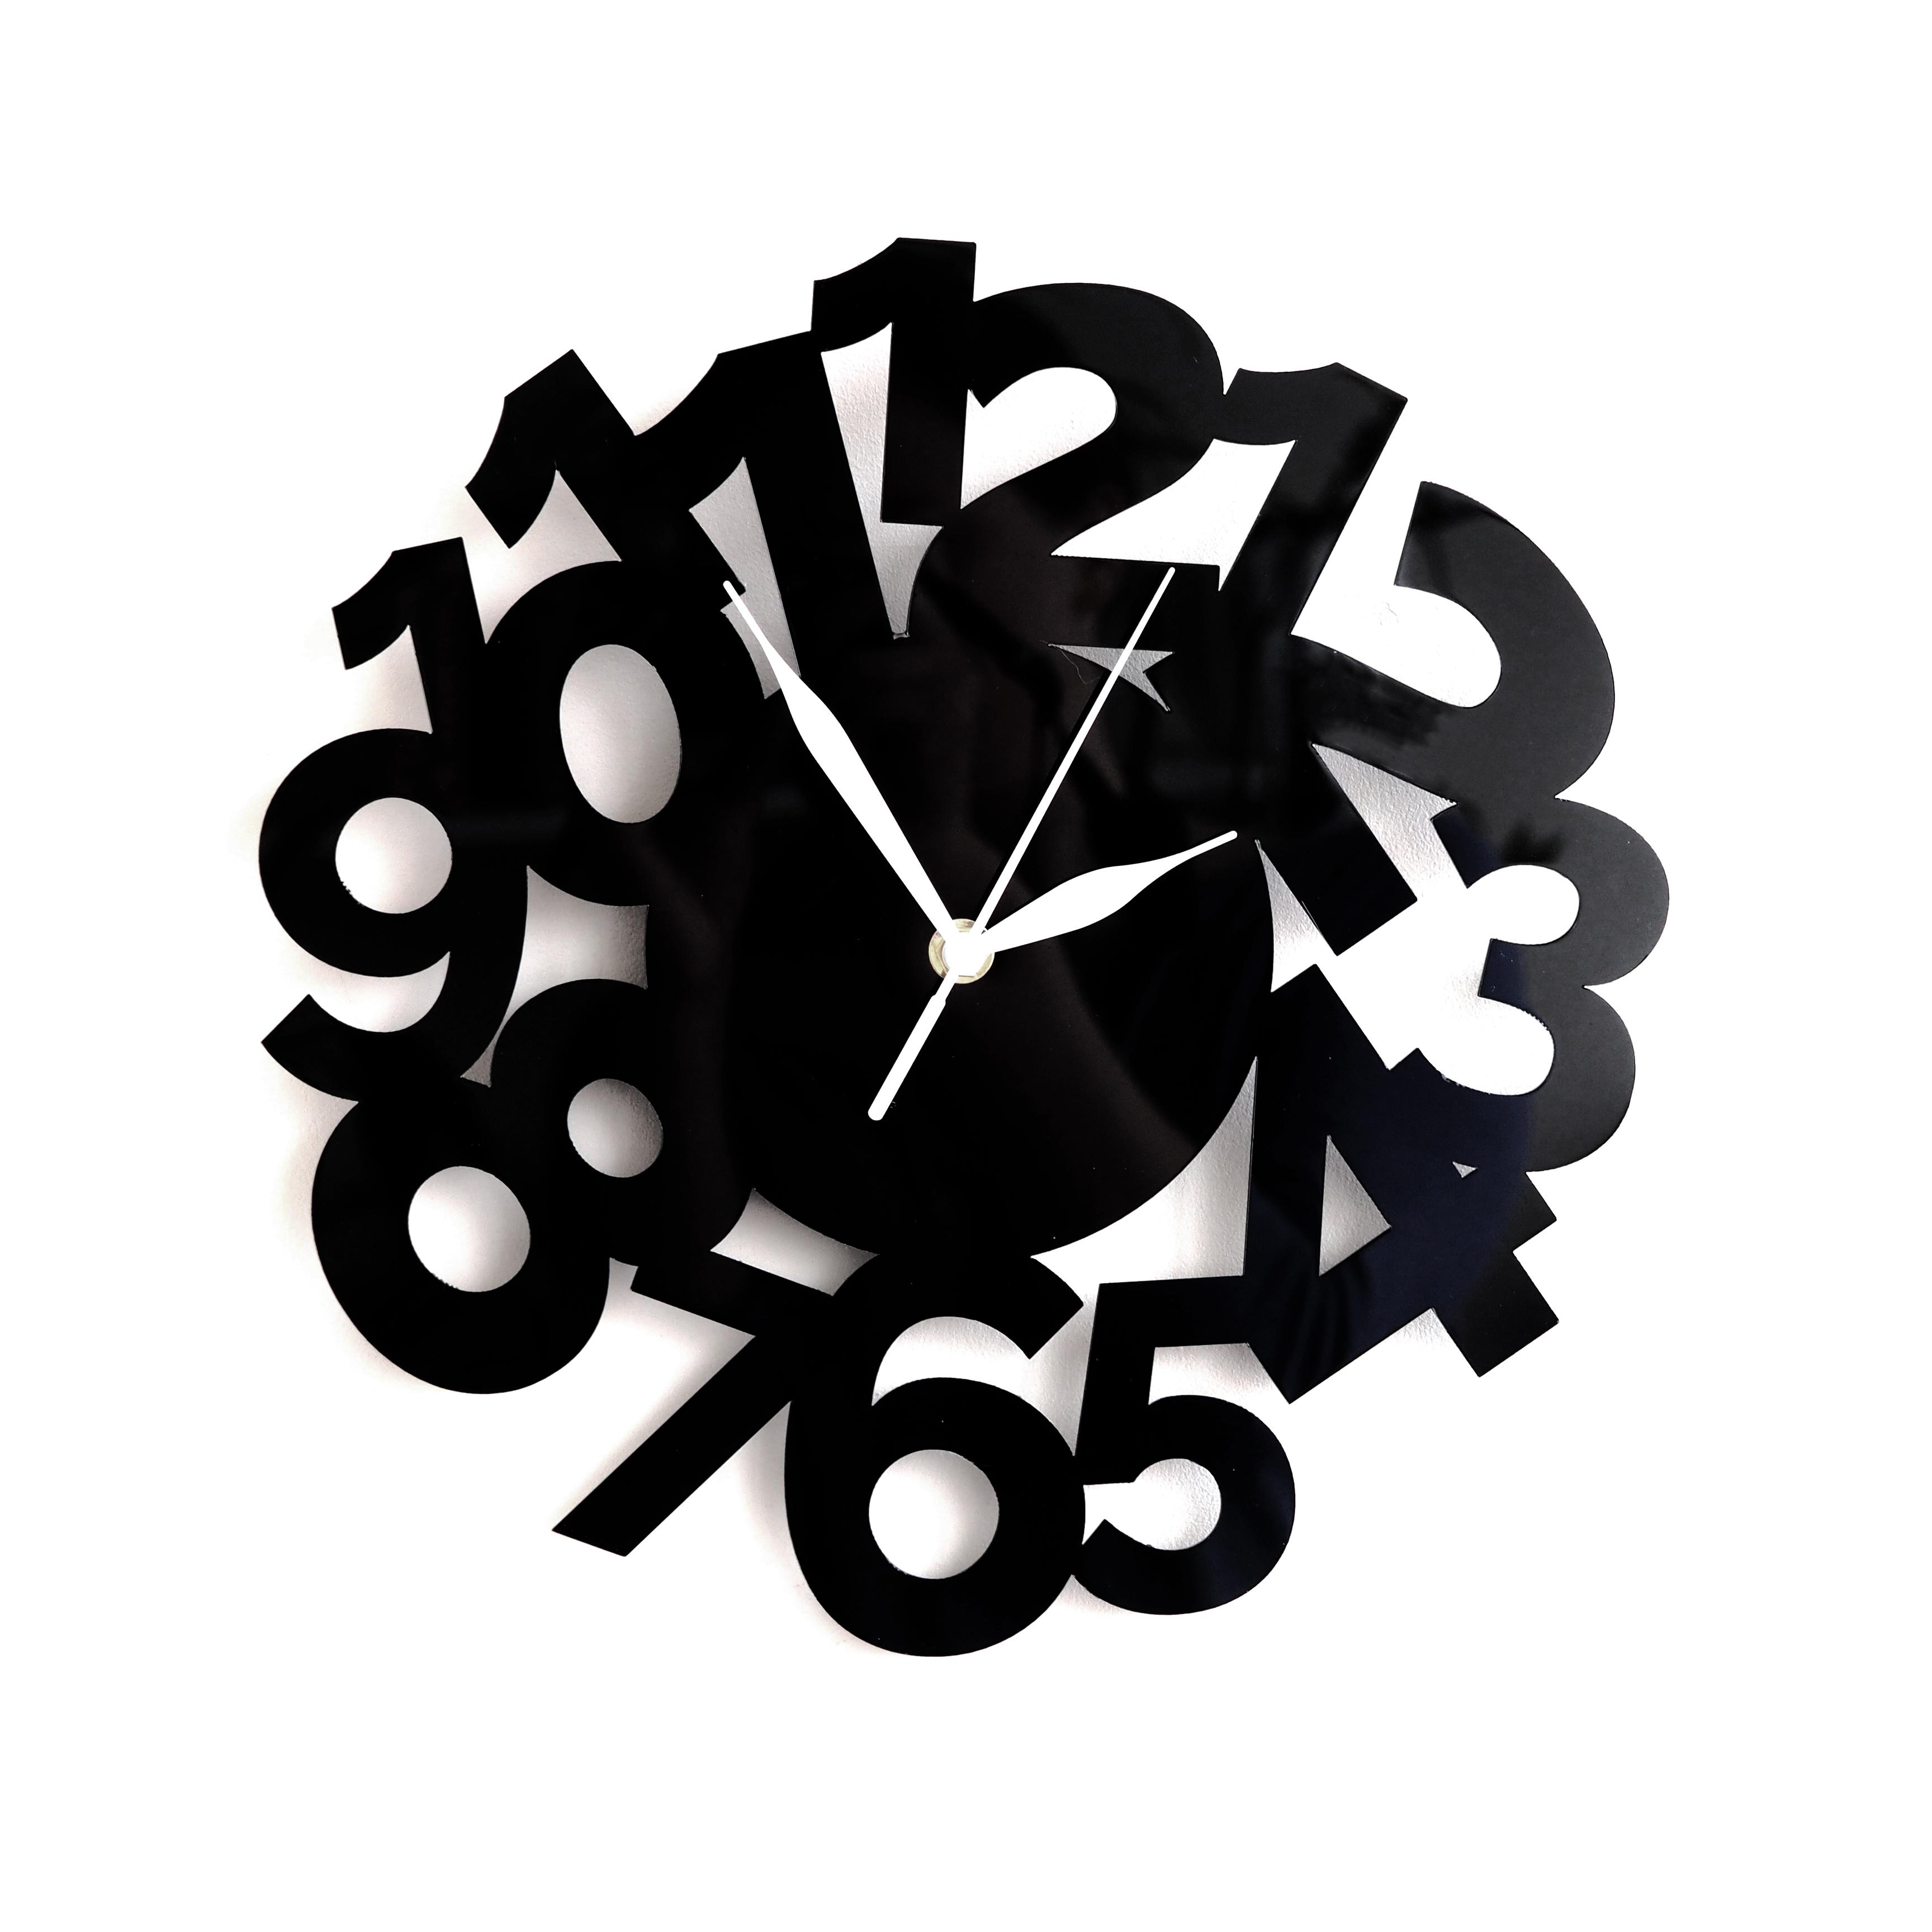 Настенные часы Roomton Funk, черные, 30 см, в стиле Лофт, черный